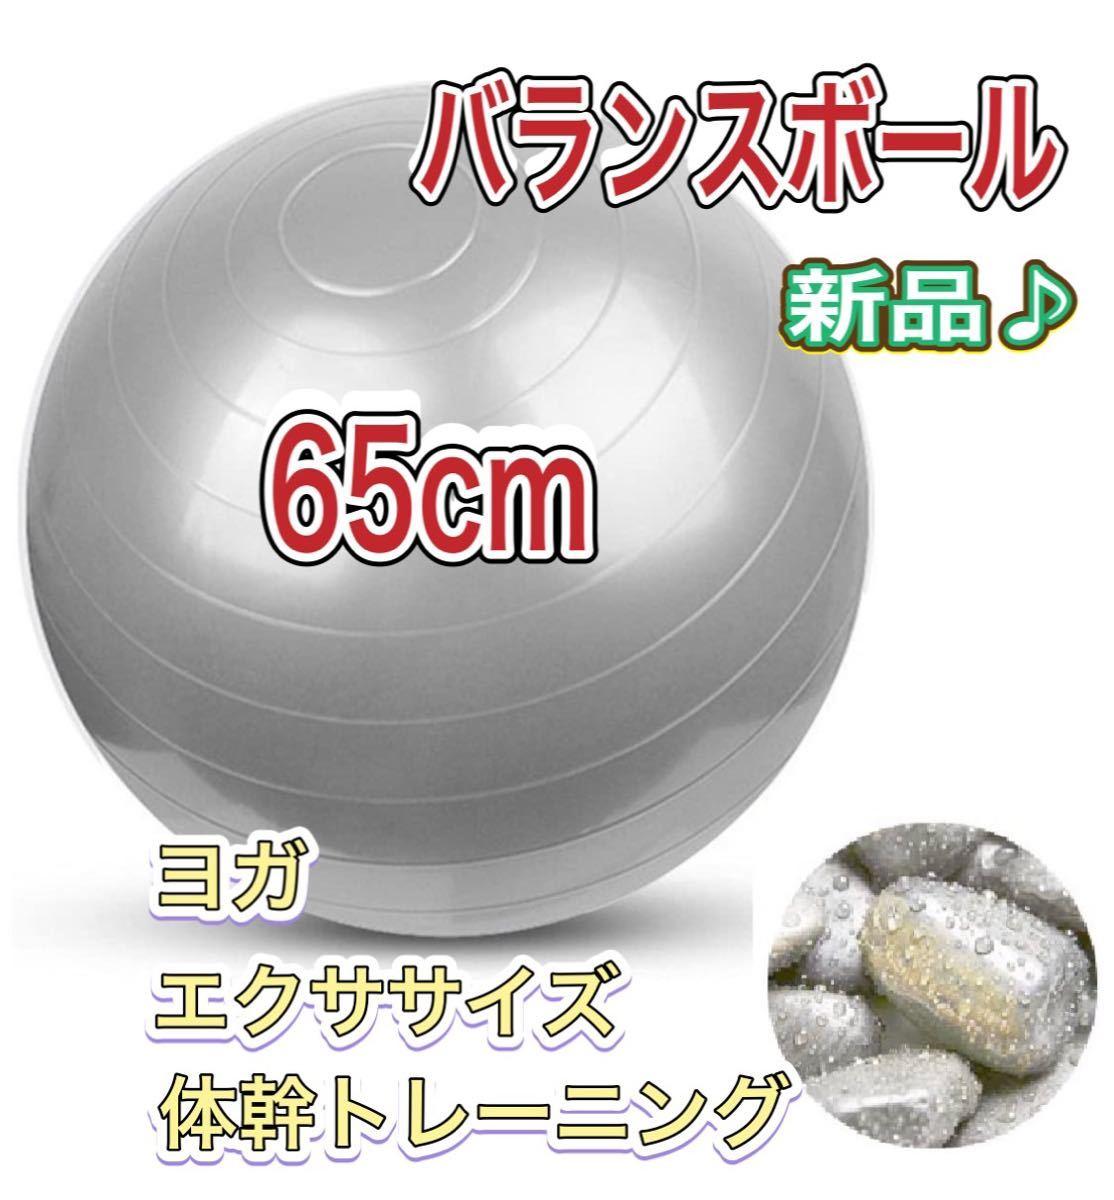 バランスボール プレゼント付き!シルバー65cm ヨガ体幹トレーニング エクササイズ フィットネス